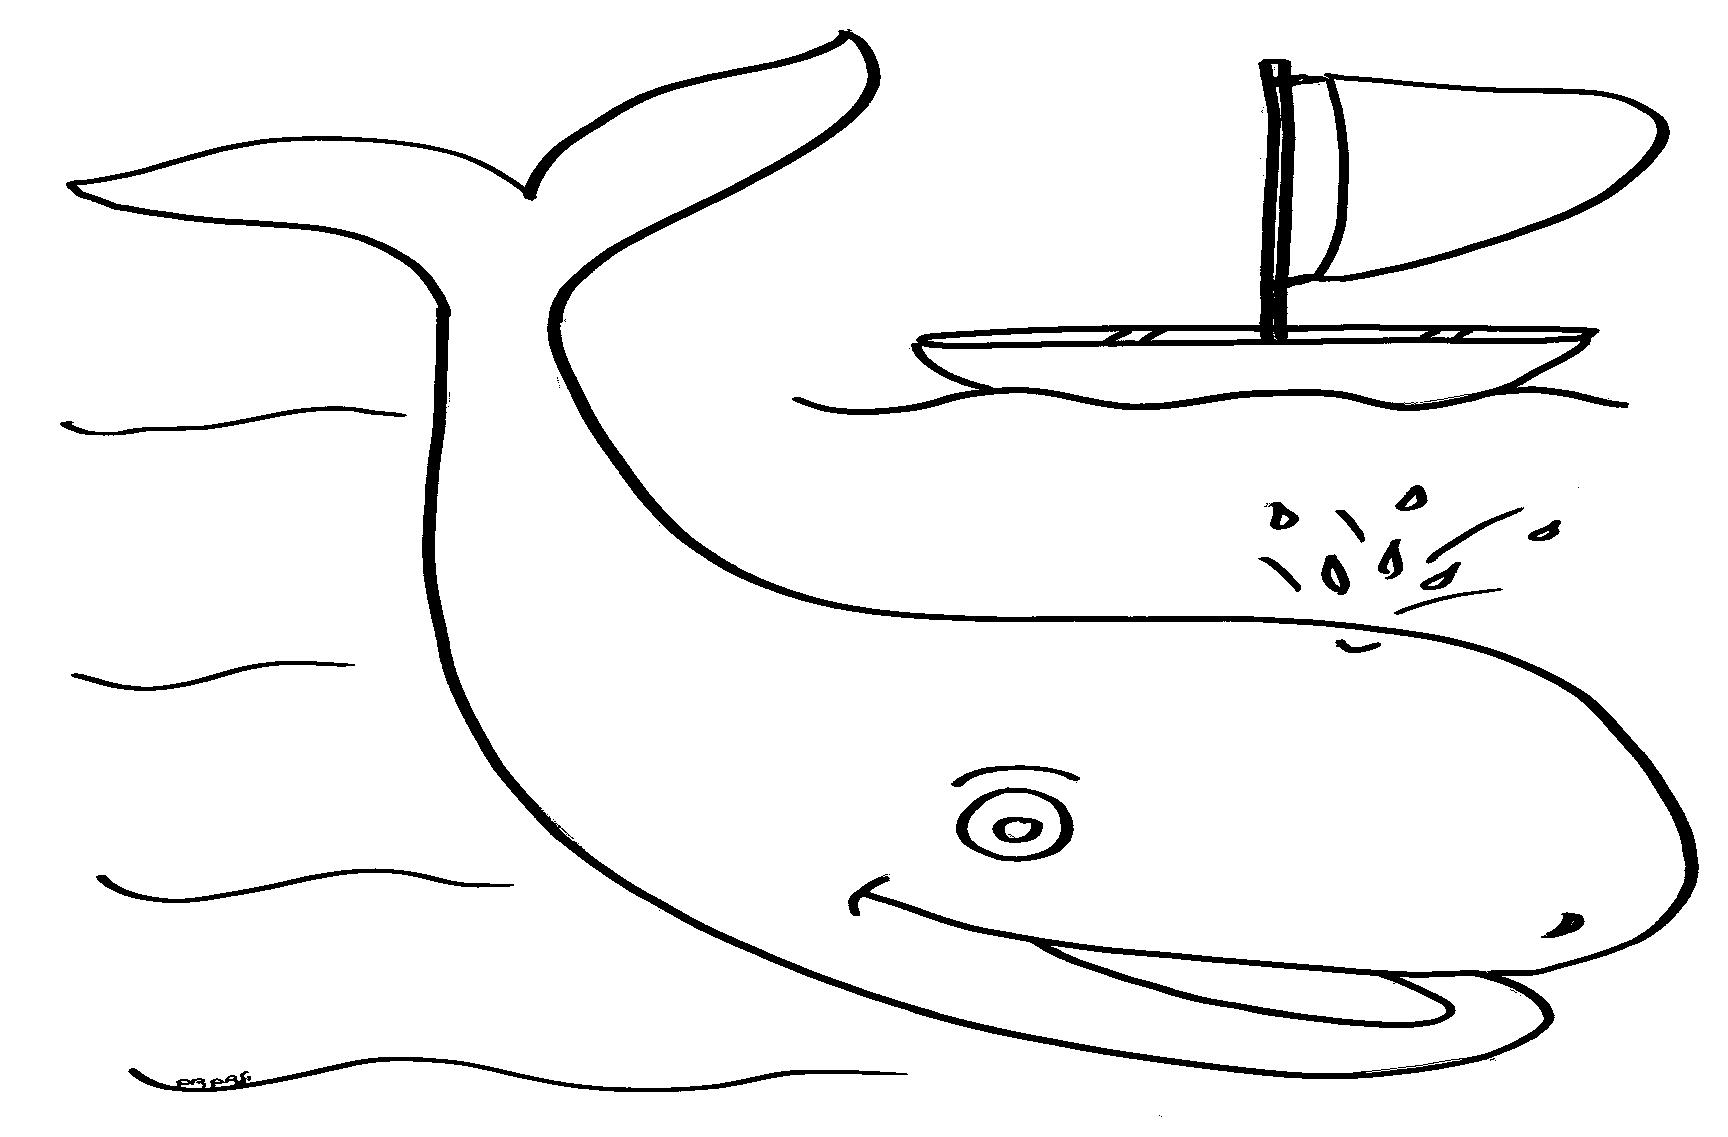 דף צביעה לויתן